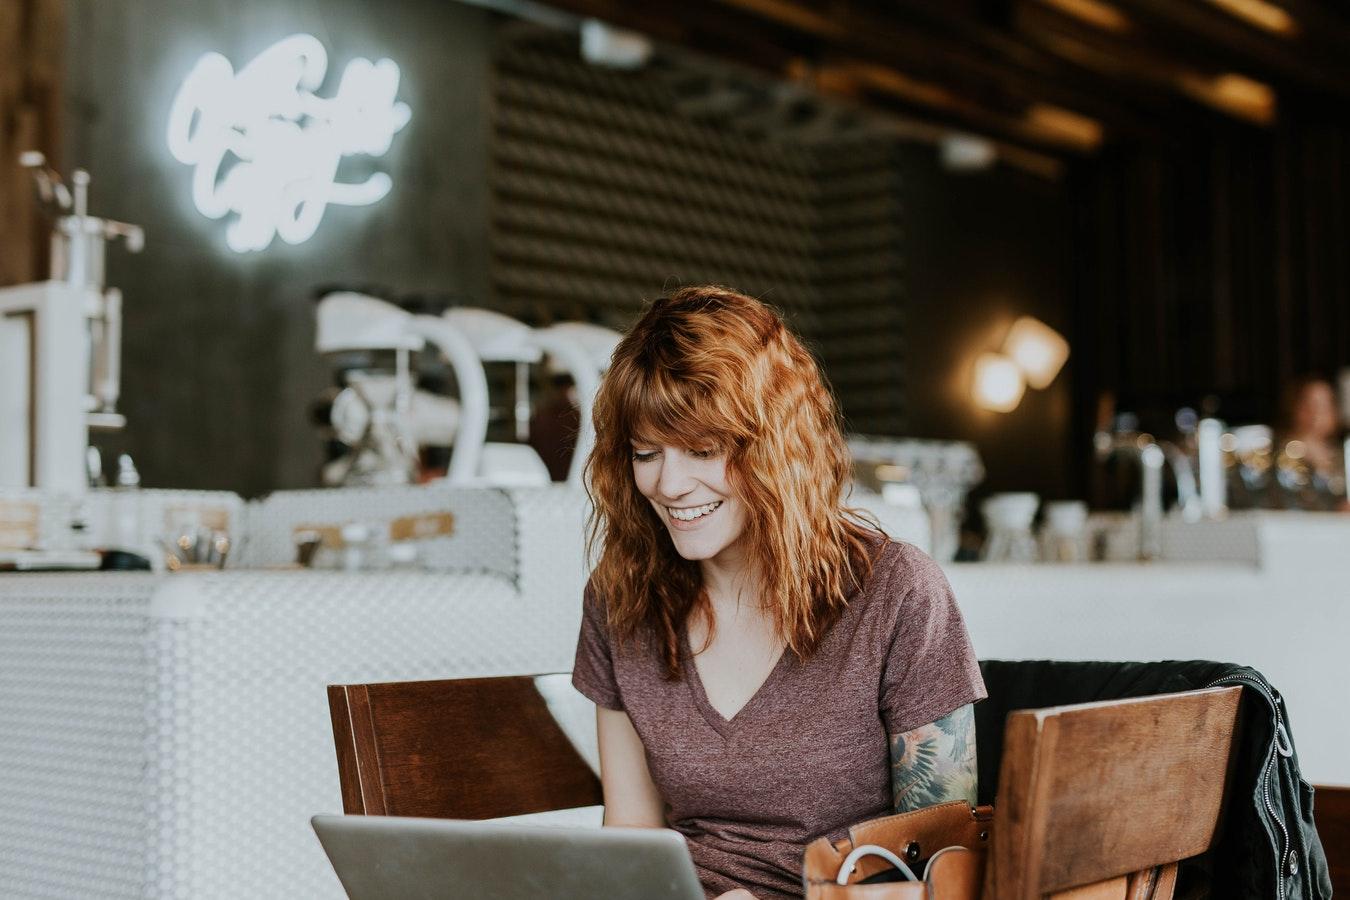 Arbeta som frilansare - Komplett guide till att börja frilansa